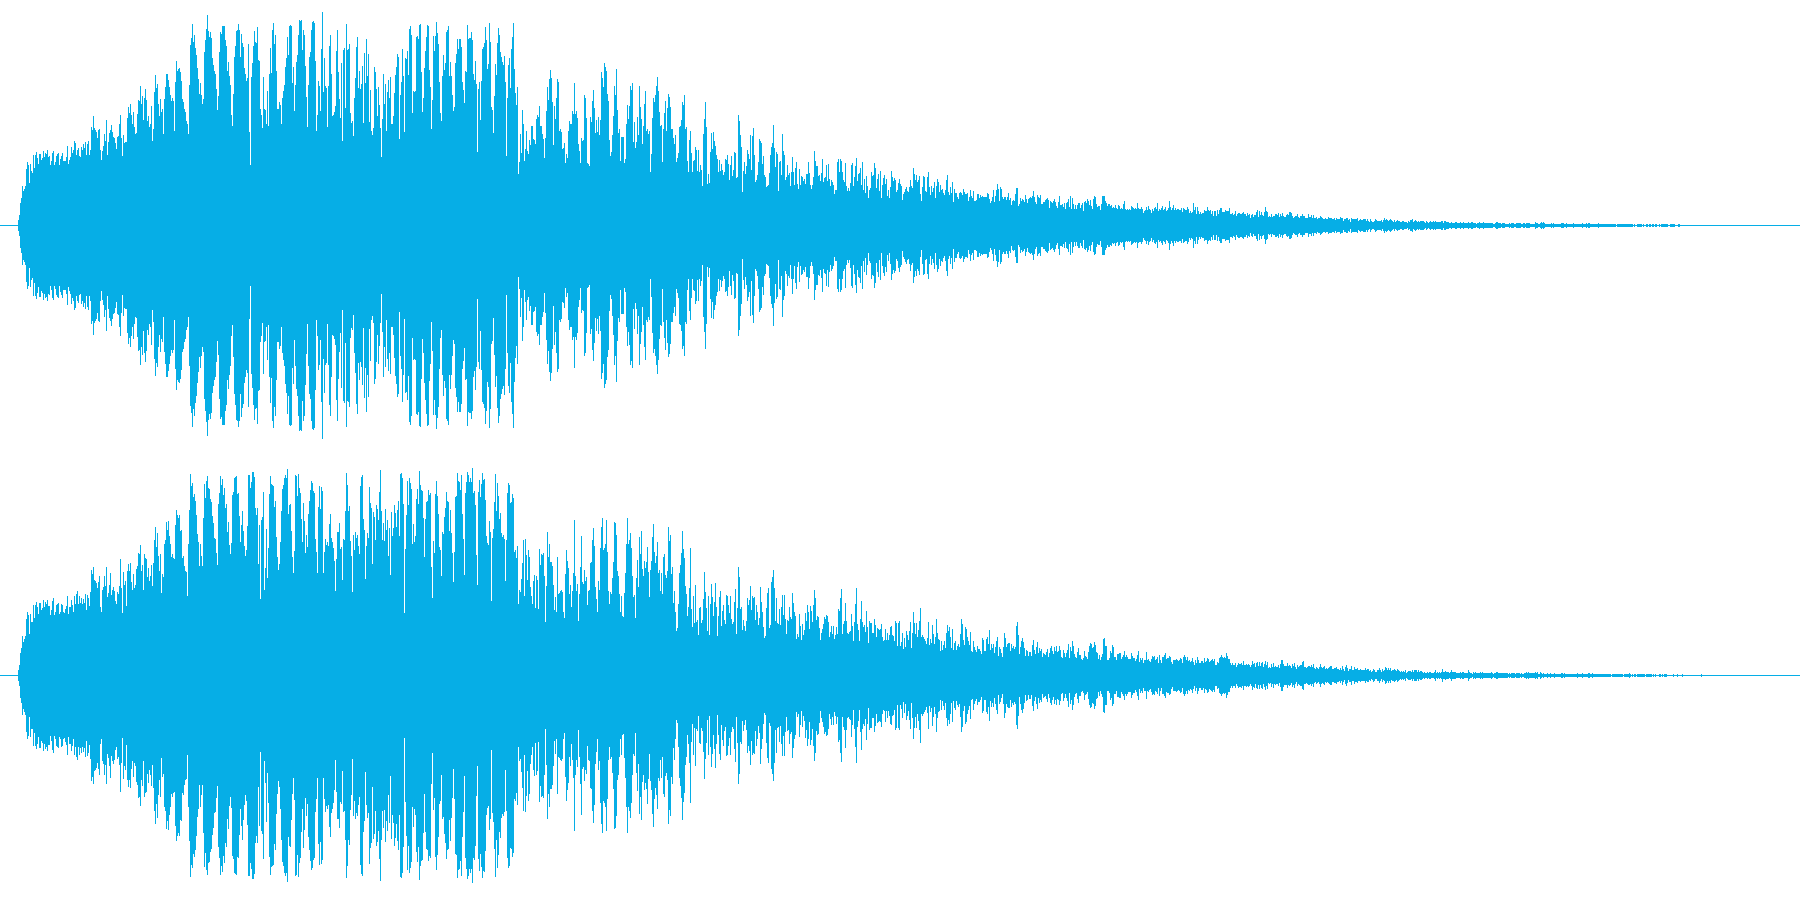 レーザービーム・電撃などの衝撃1の再生済みの波形